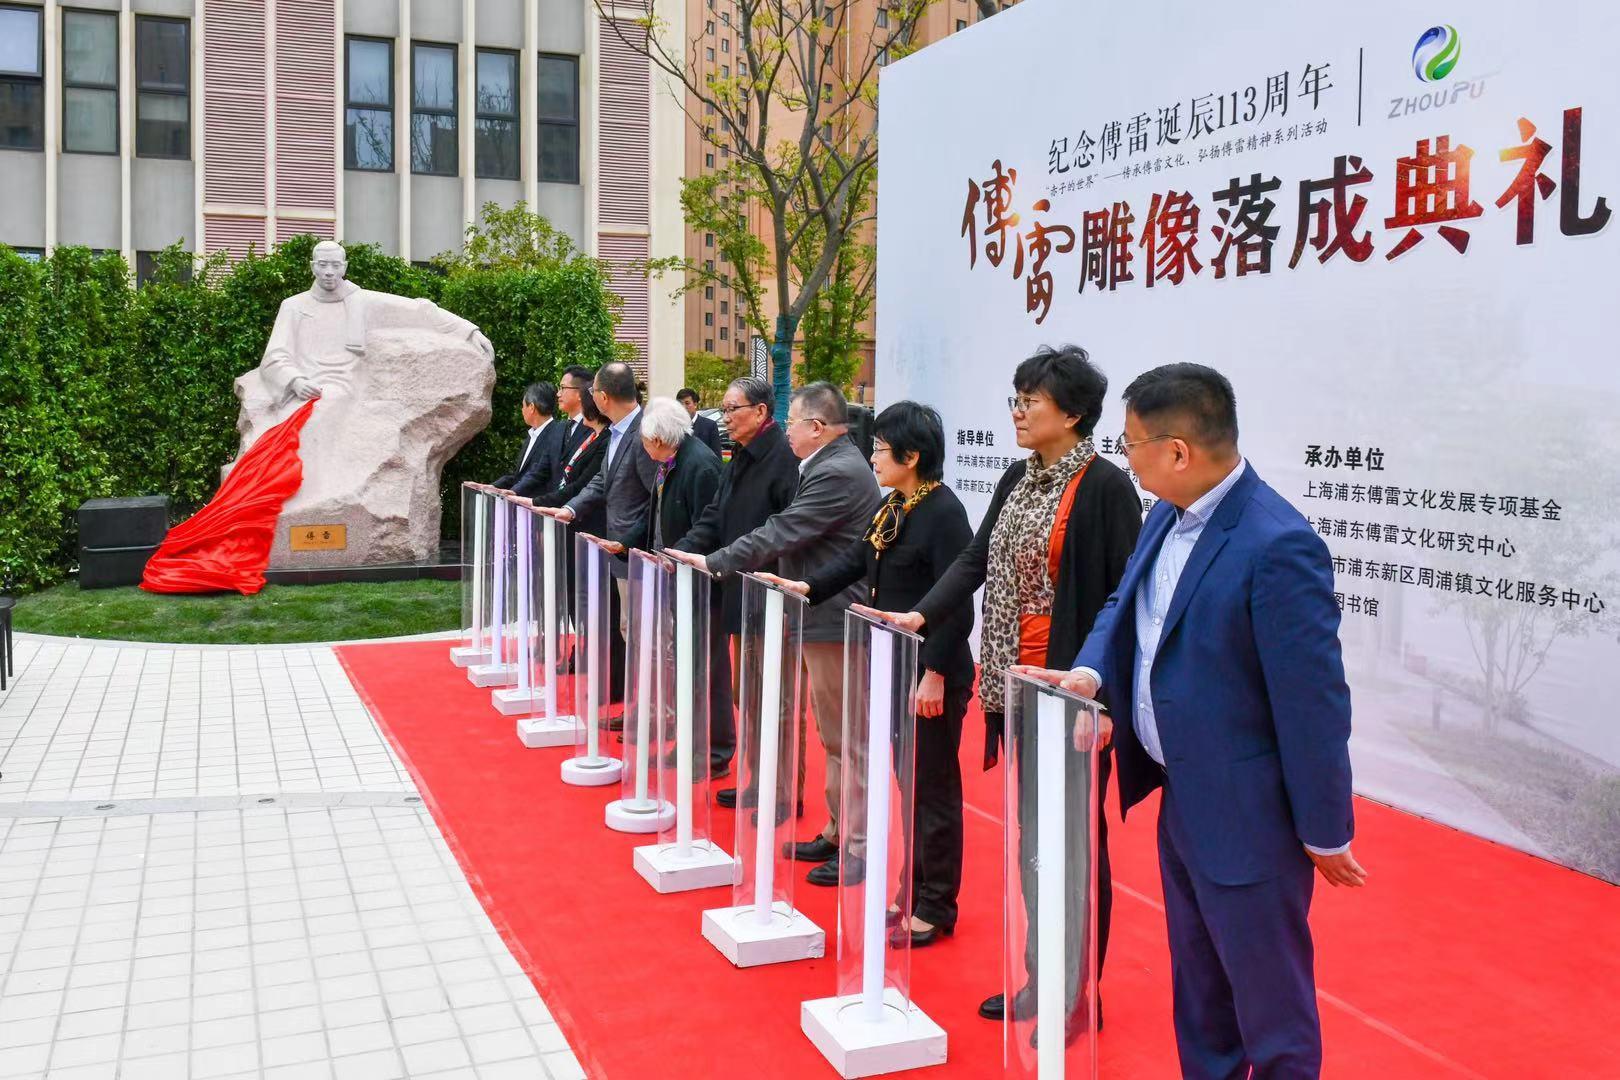 傅雷诞辰113周年,傅雷图书馆广场上一座傅雷雕像落成了!浦东周浦举办系列活动纪念翻译巨匠